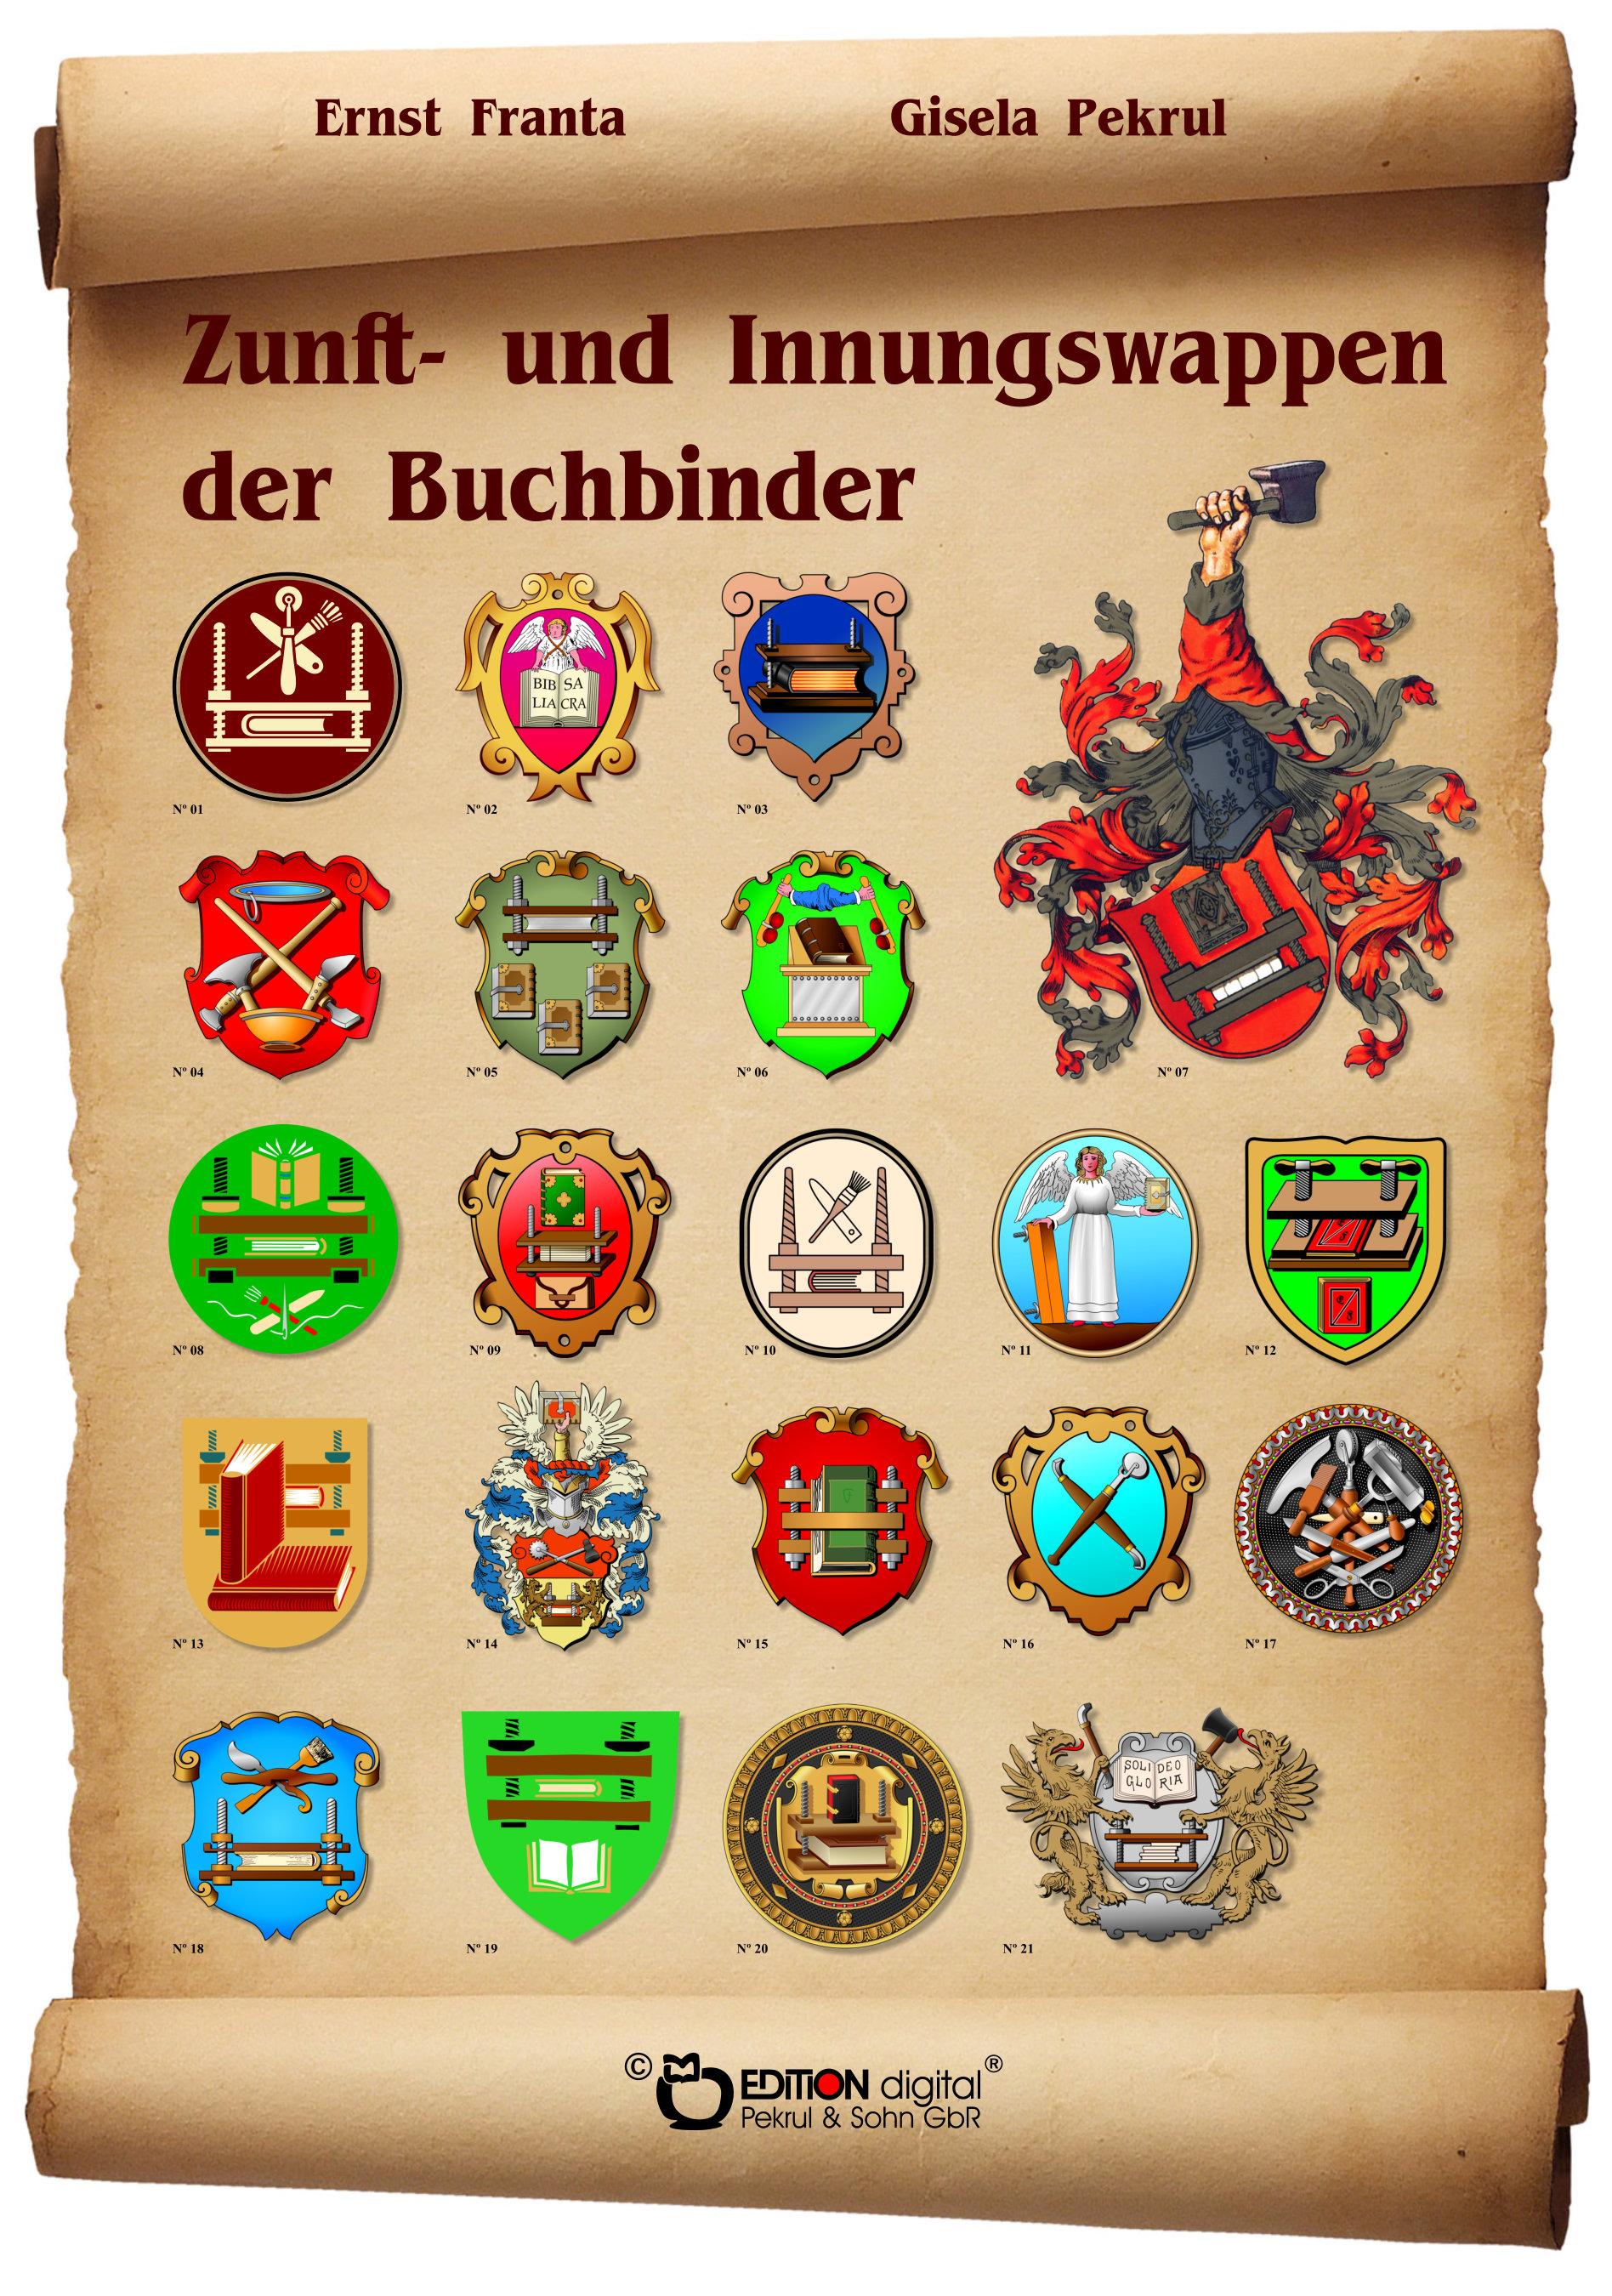 Zunft- und Innungswappen der Buchbinder. Poster mit Beschreibung von Gisela Pekrul, Ernst Franta (Autor)